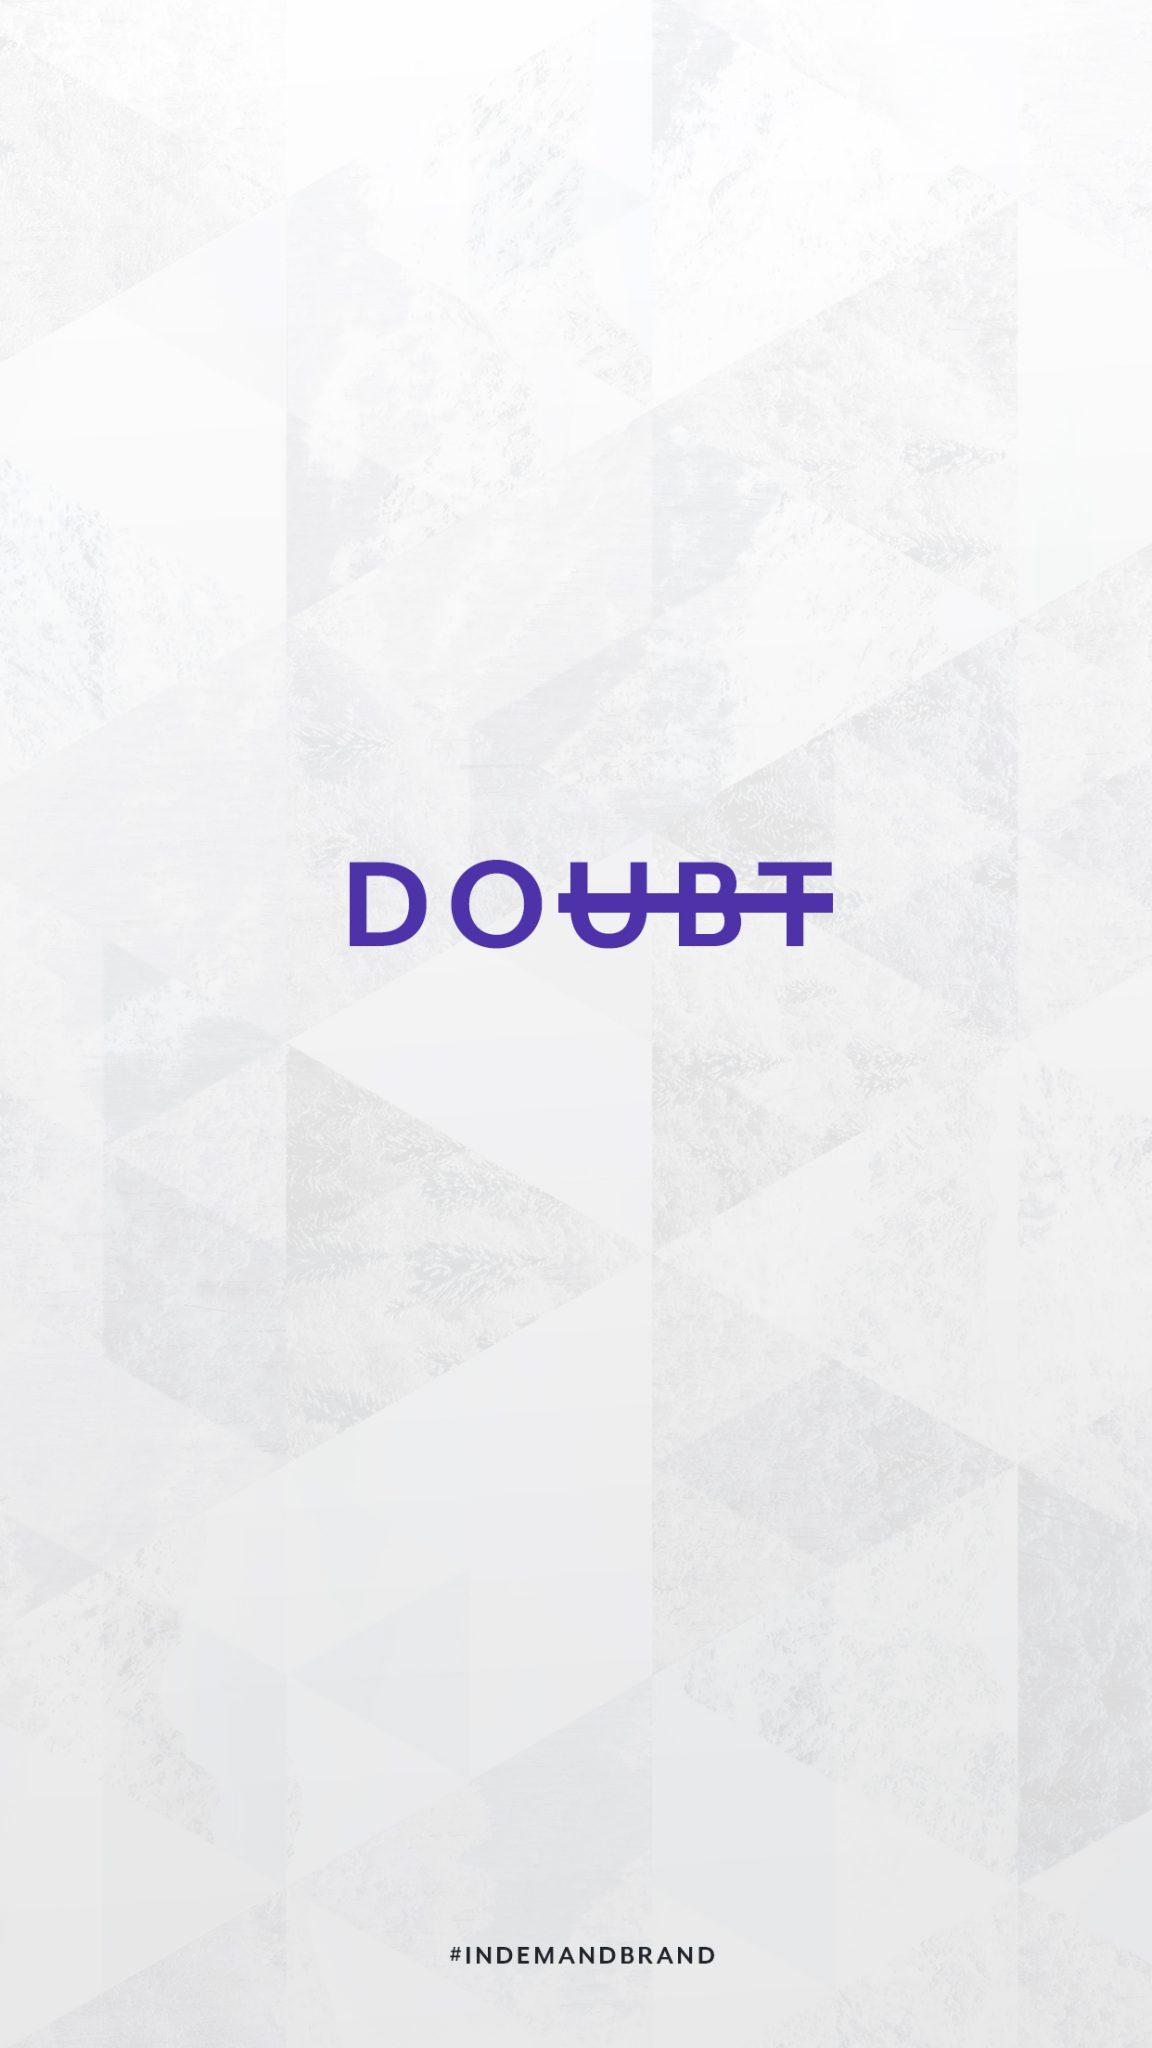 DOubt. #InDemandBrand